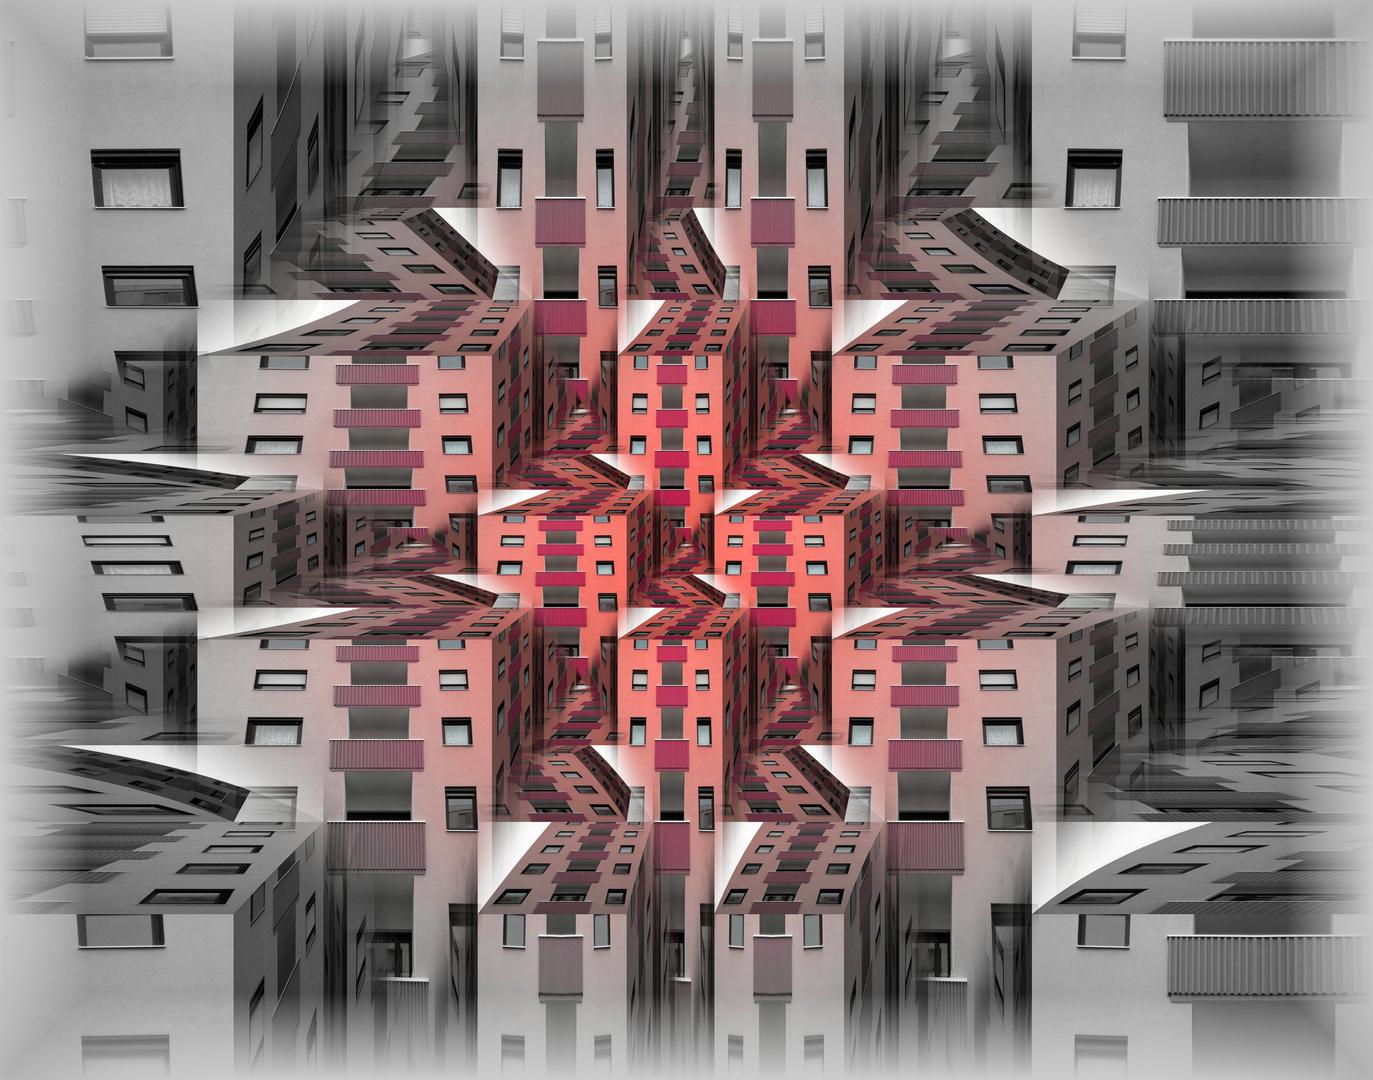 Red Balconies II